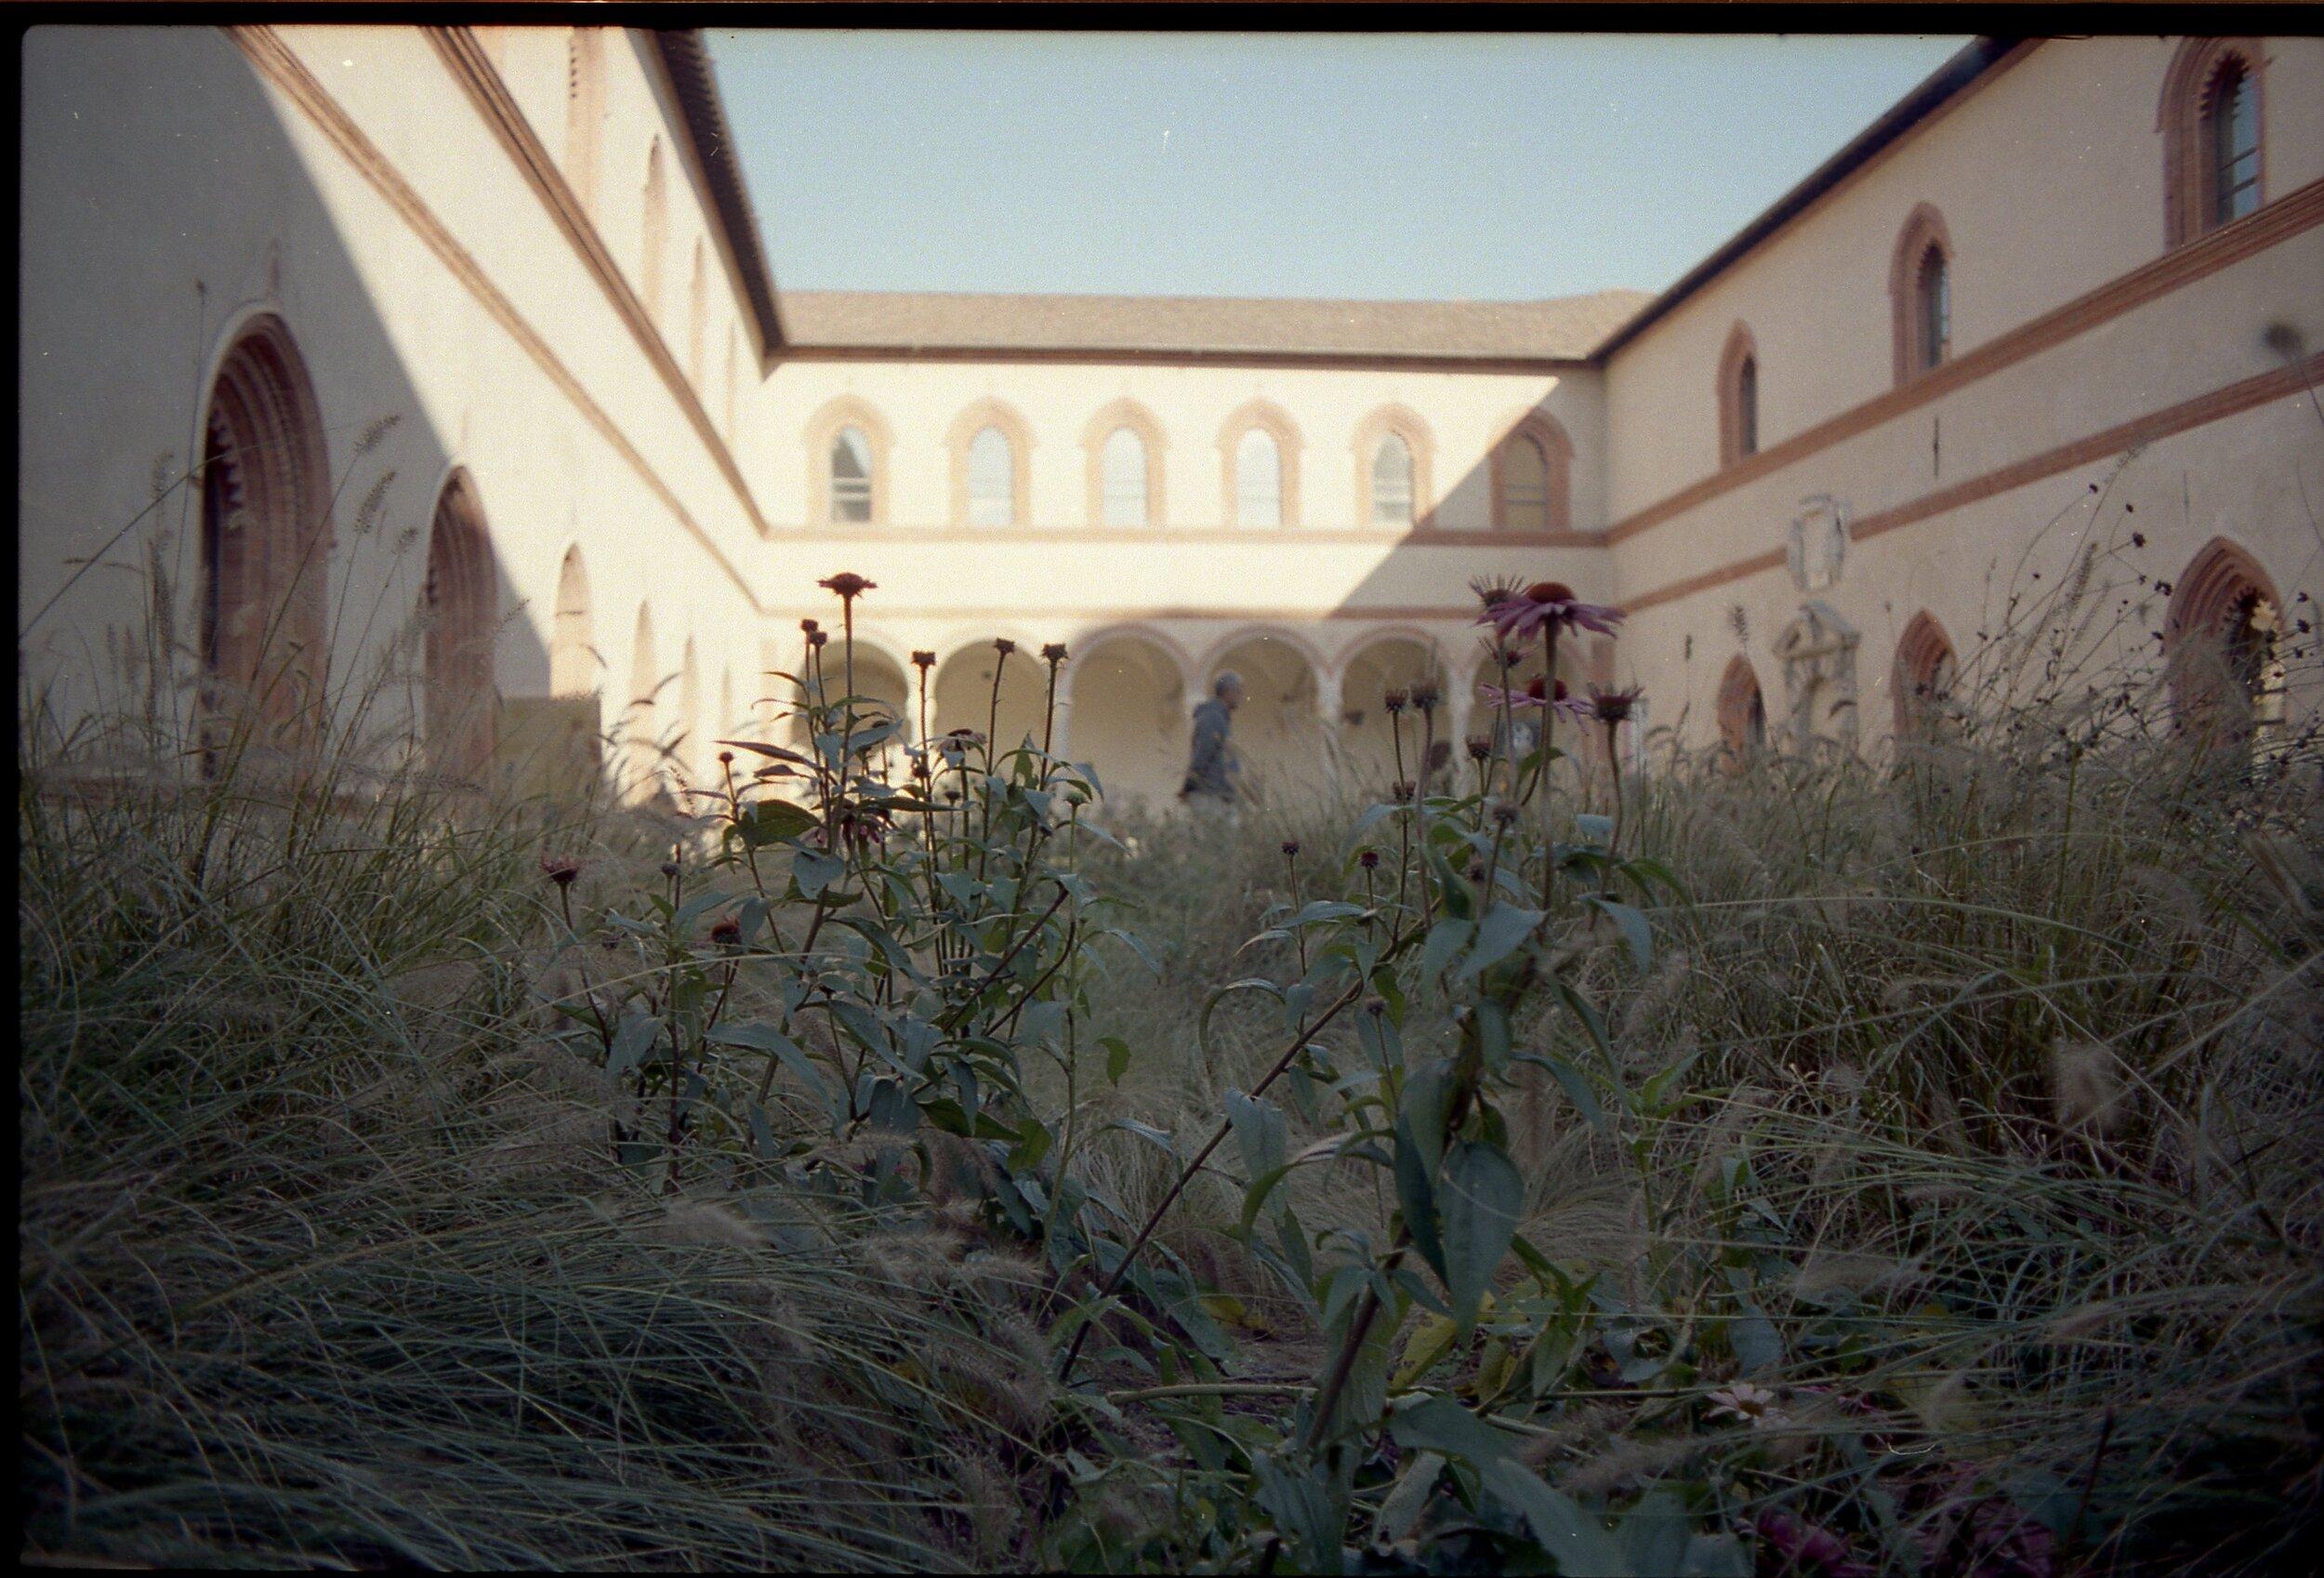 Milan 35mm024.jpg